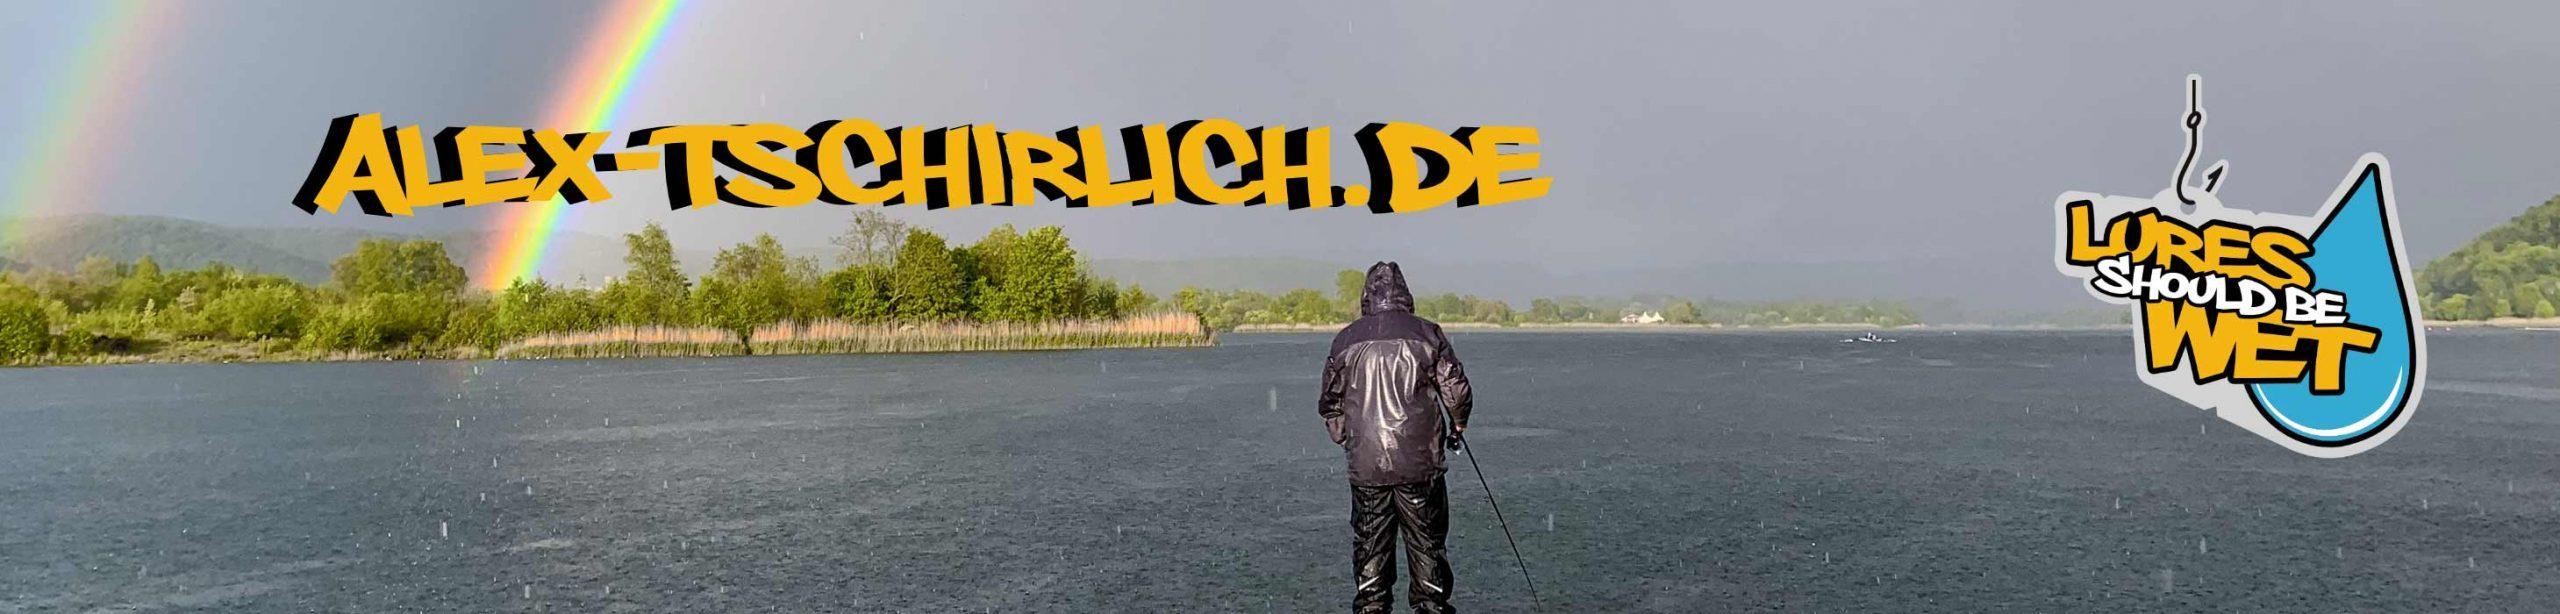 Alex-Tschirlich.de